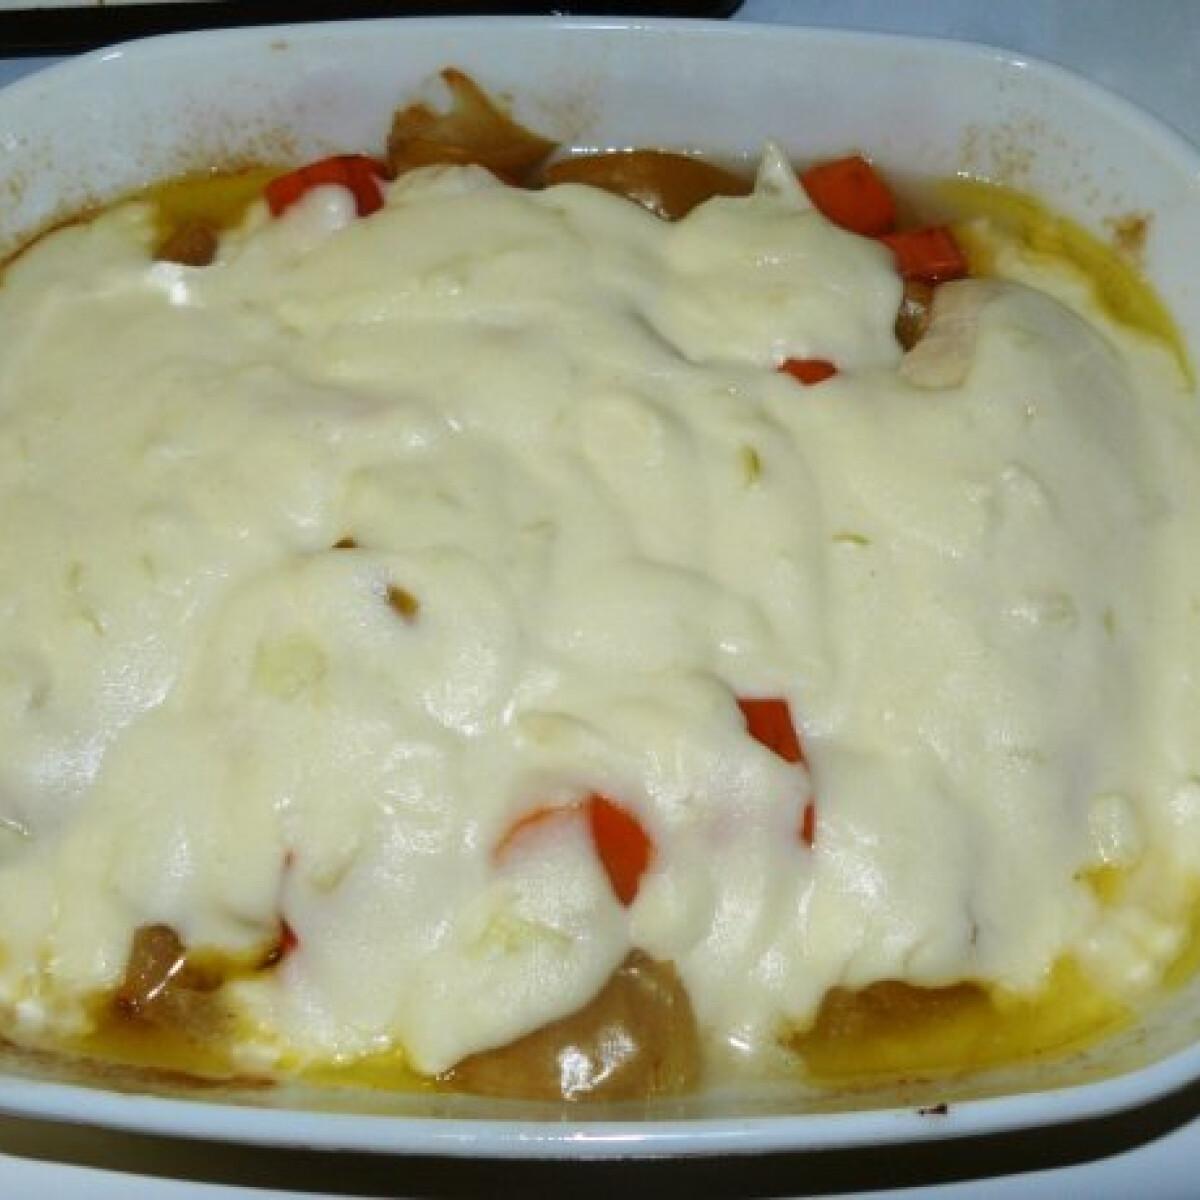 Ezen a képen: Szószos almás csirke Candida diétához